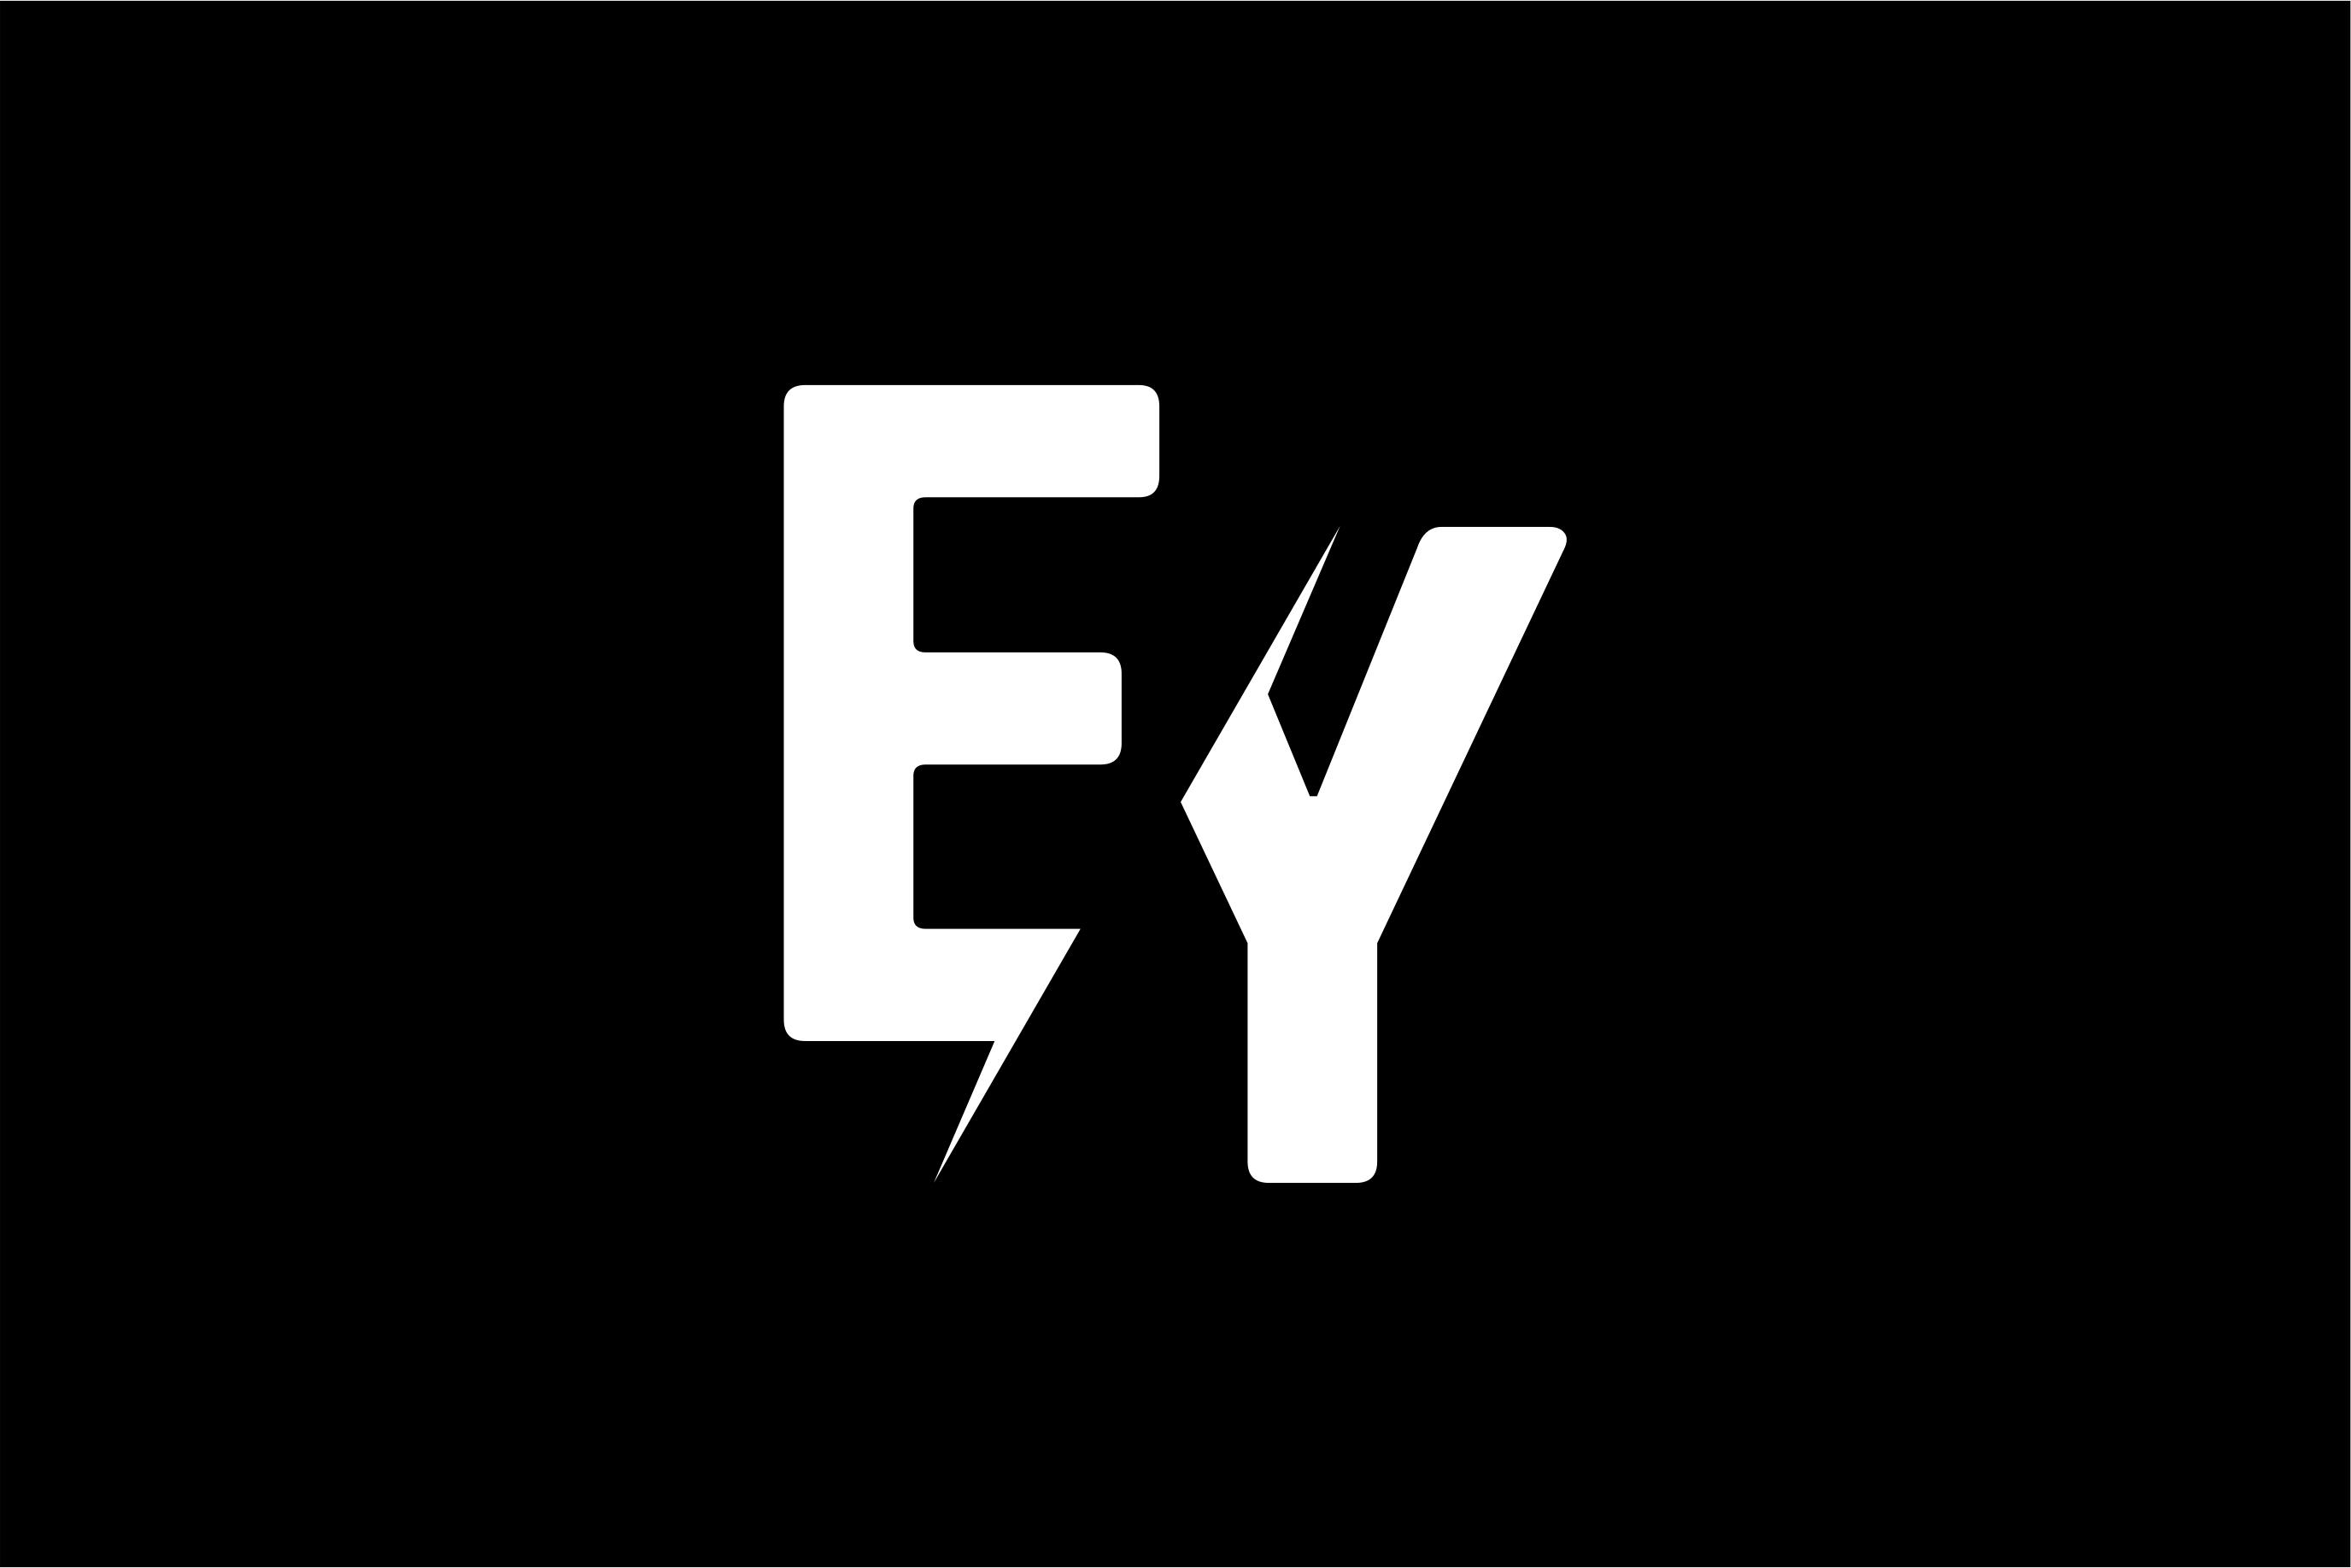 Monogram EY Logo.